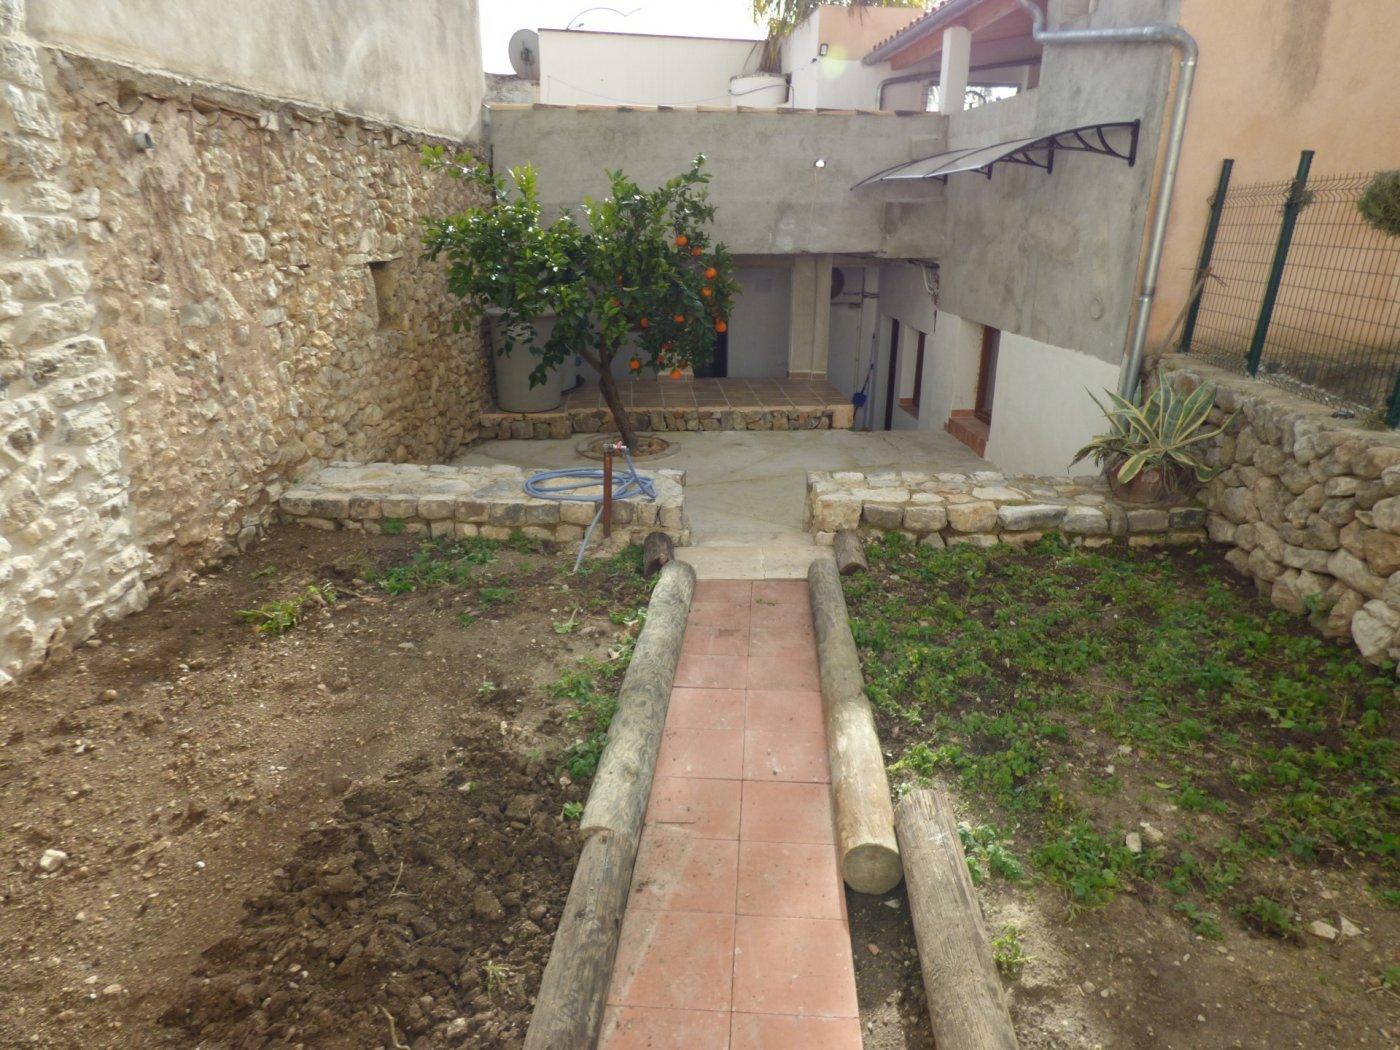 Casa de pueblo reformada mancor del vall - imagenInmueble1